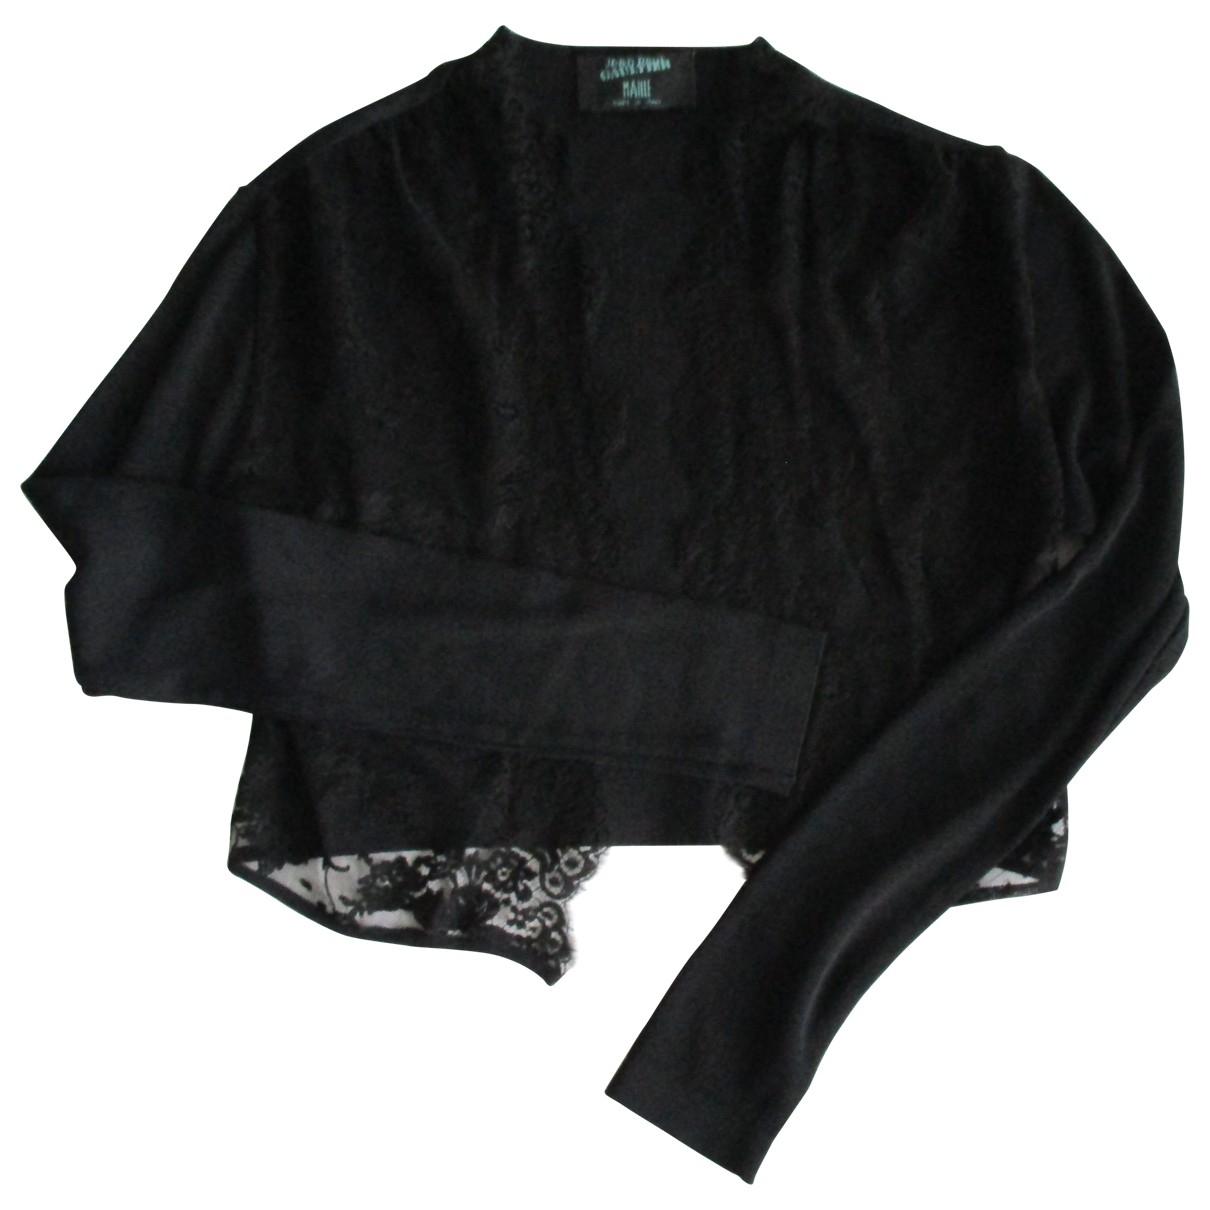 Jean Paul Gaultier \N Black jacket for Women 46 IT